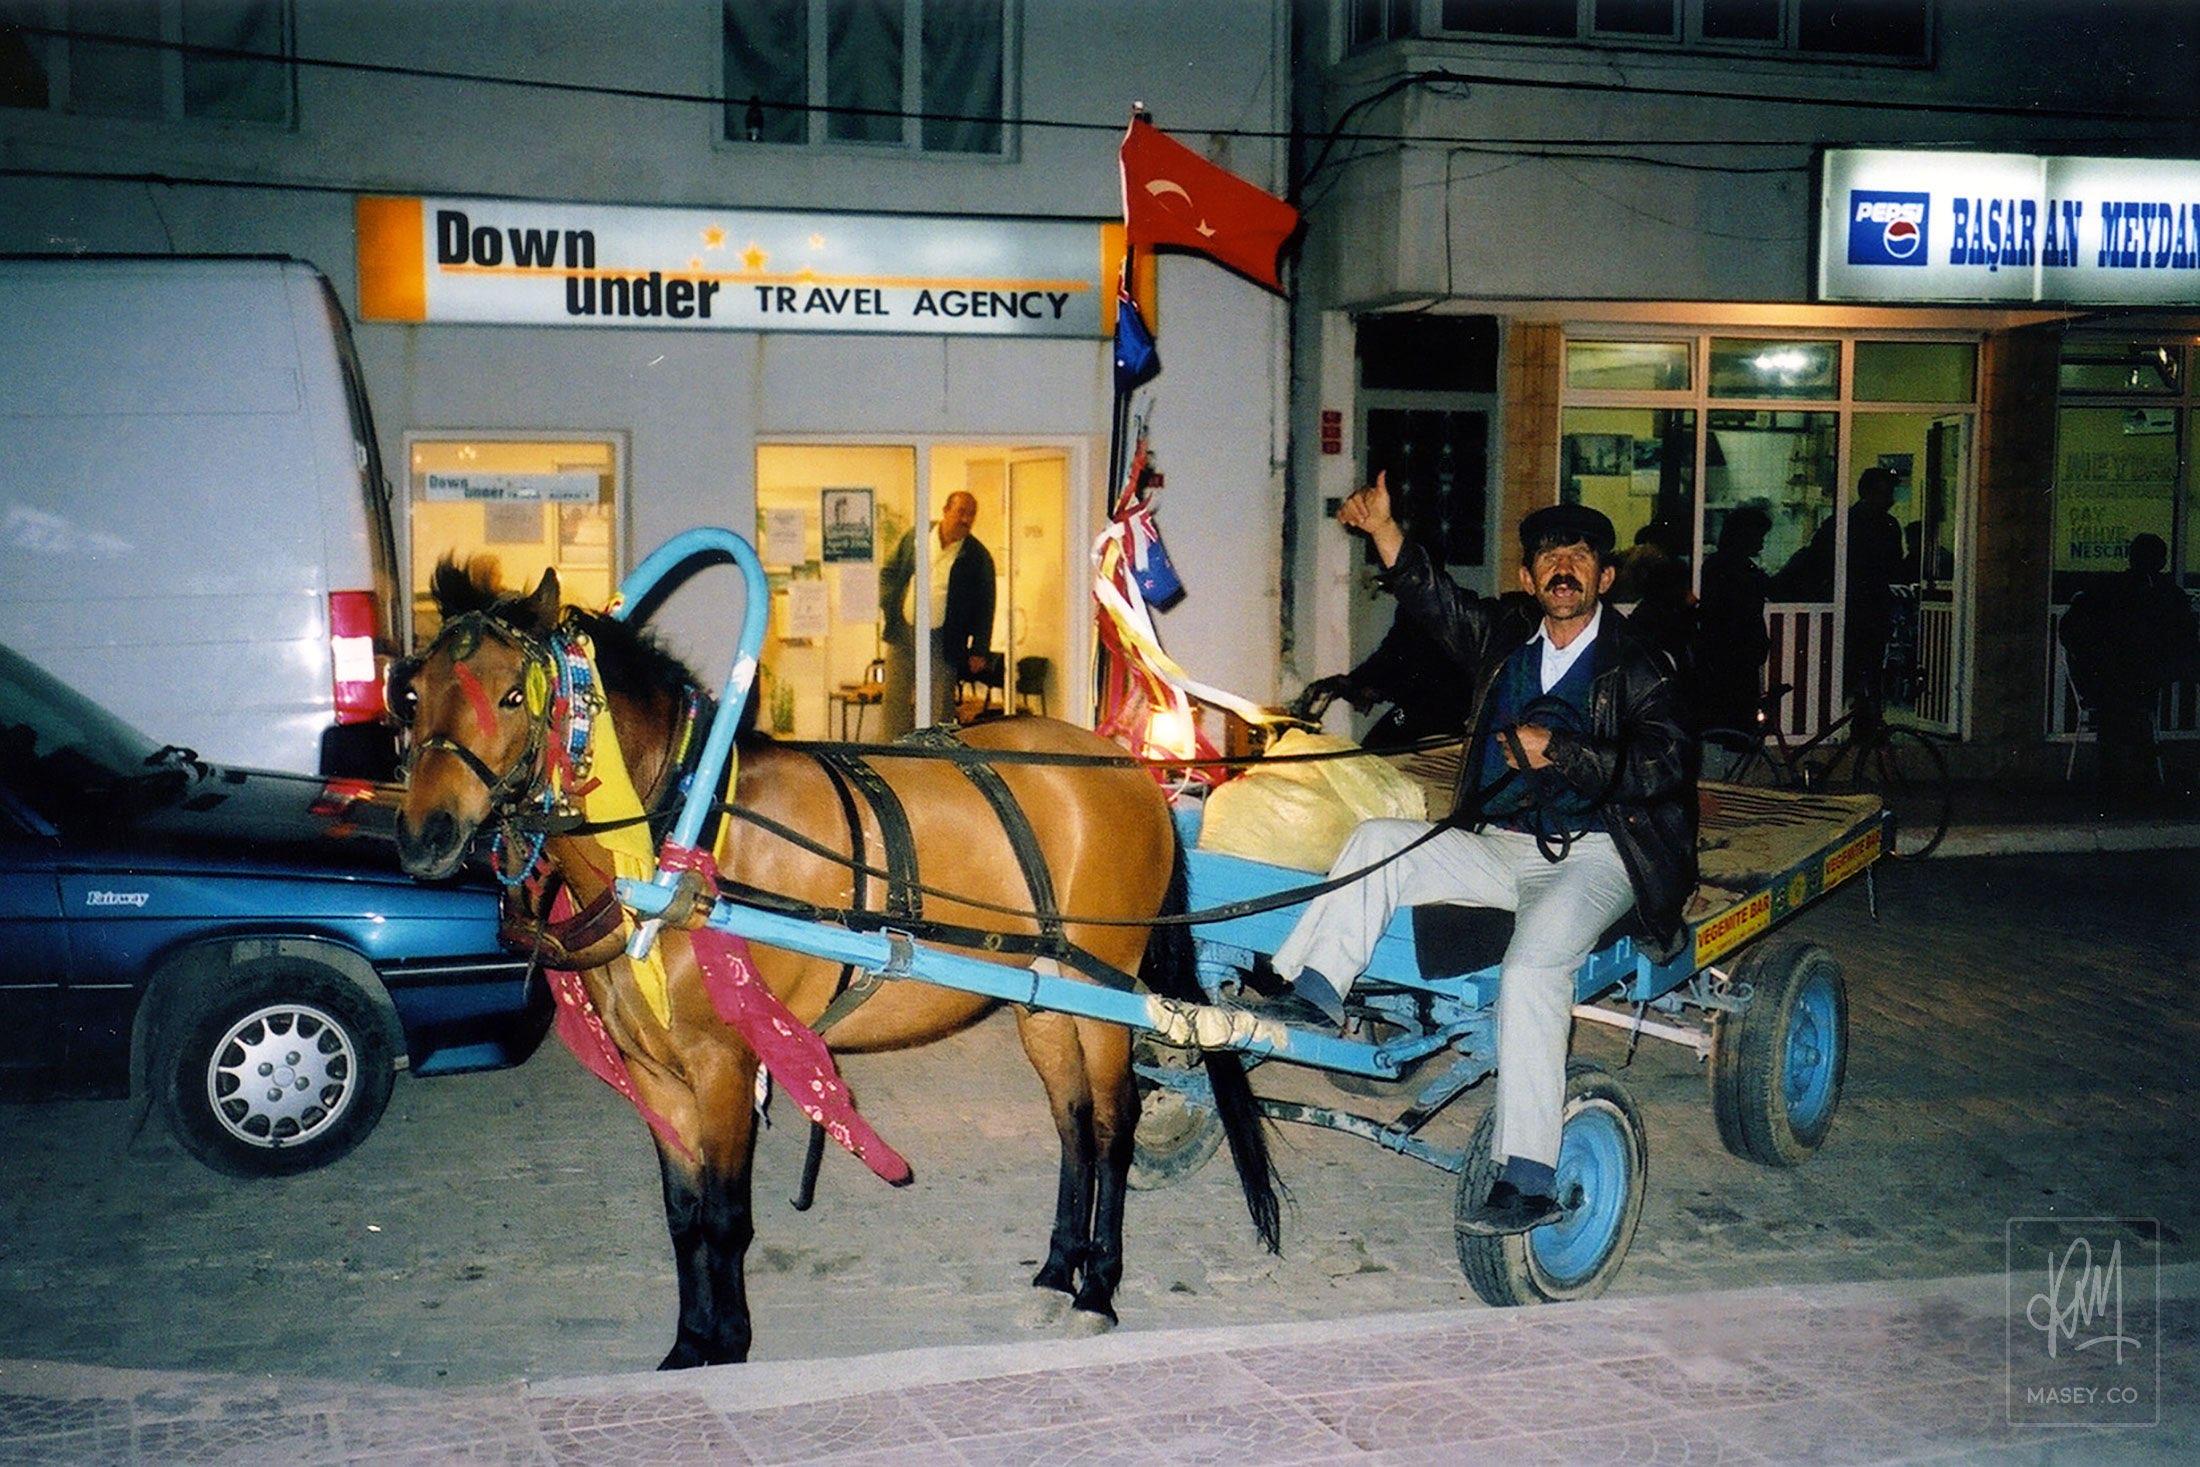 Ecebat-style taxi service - the Donkey Man!